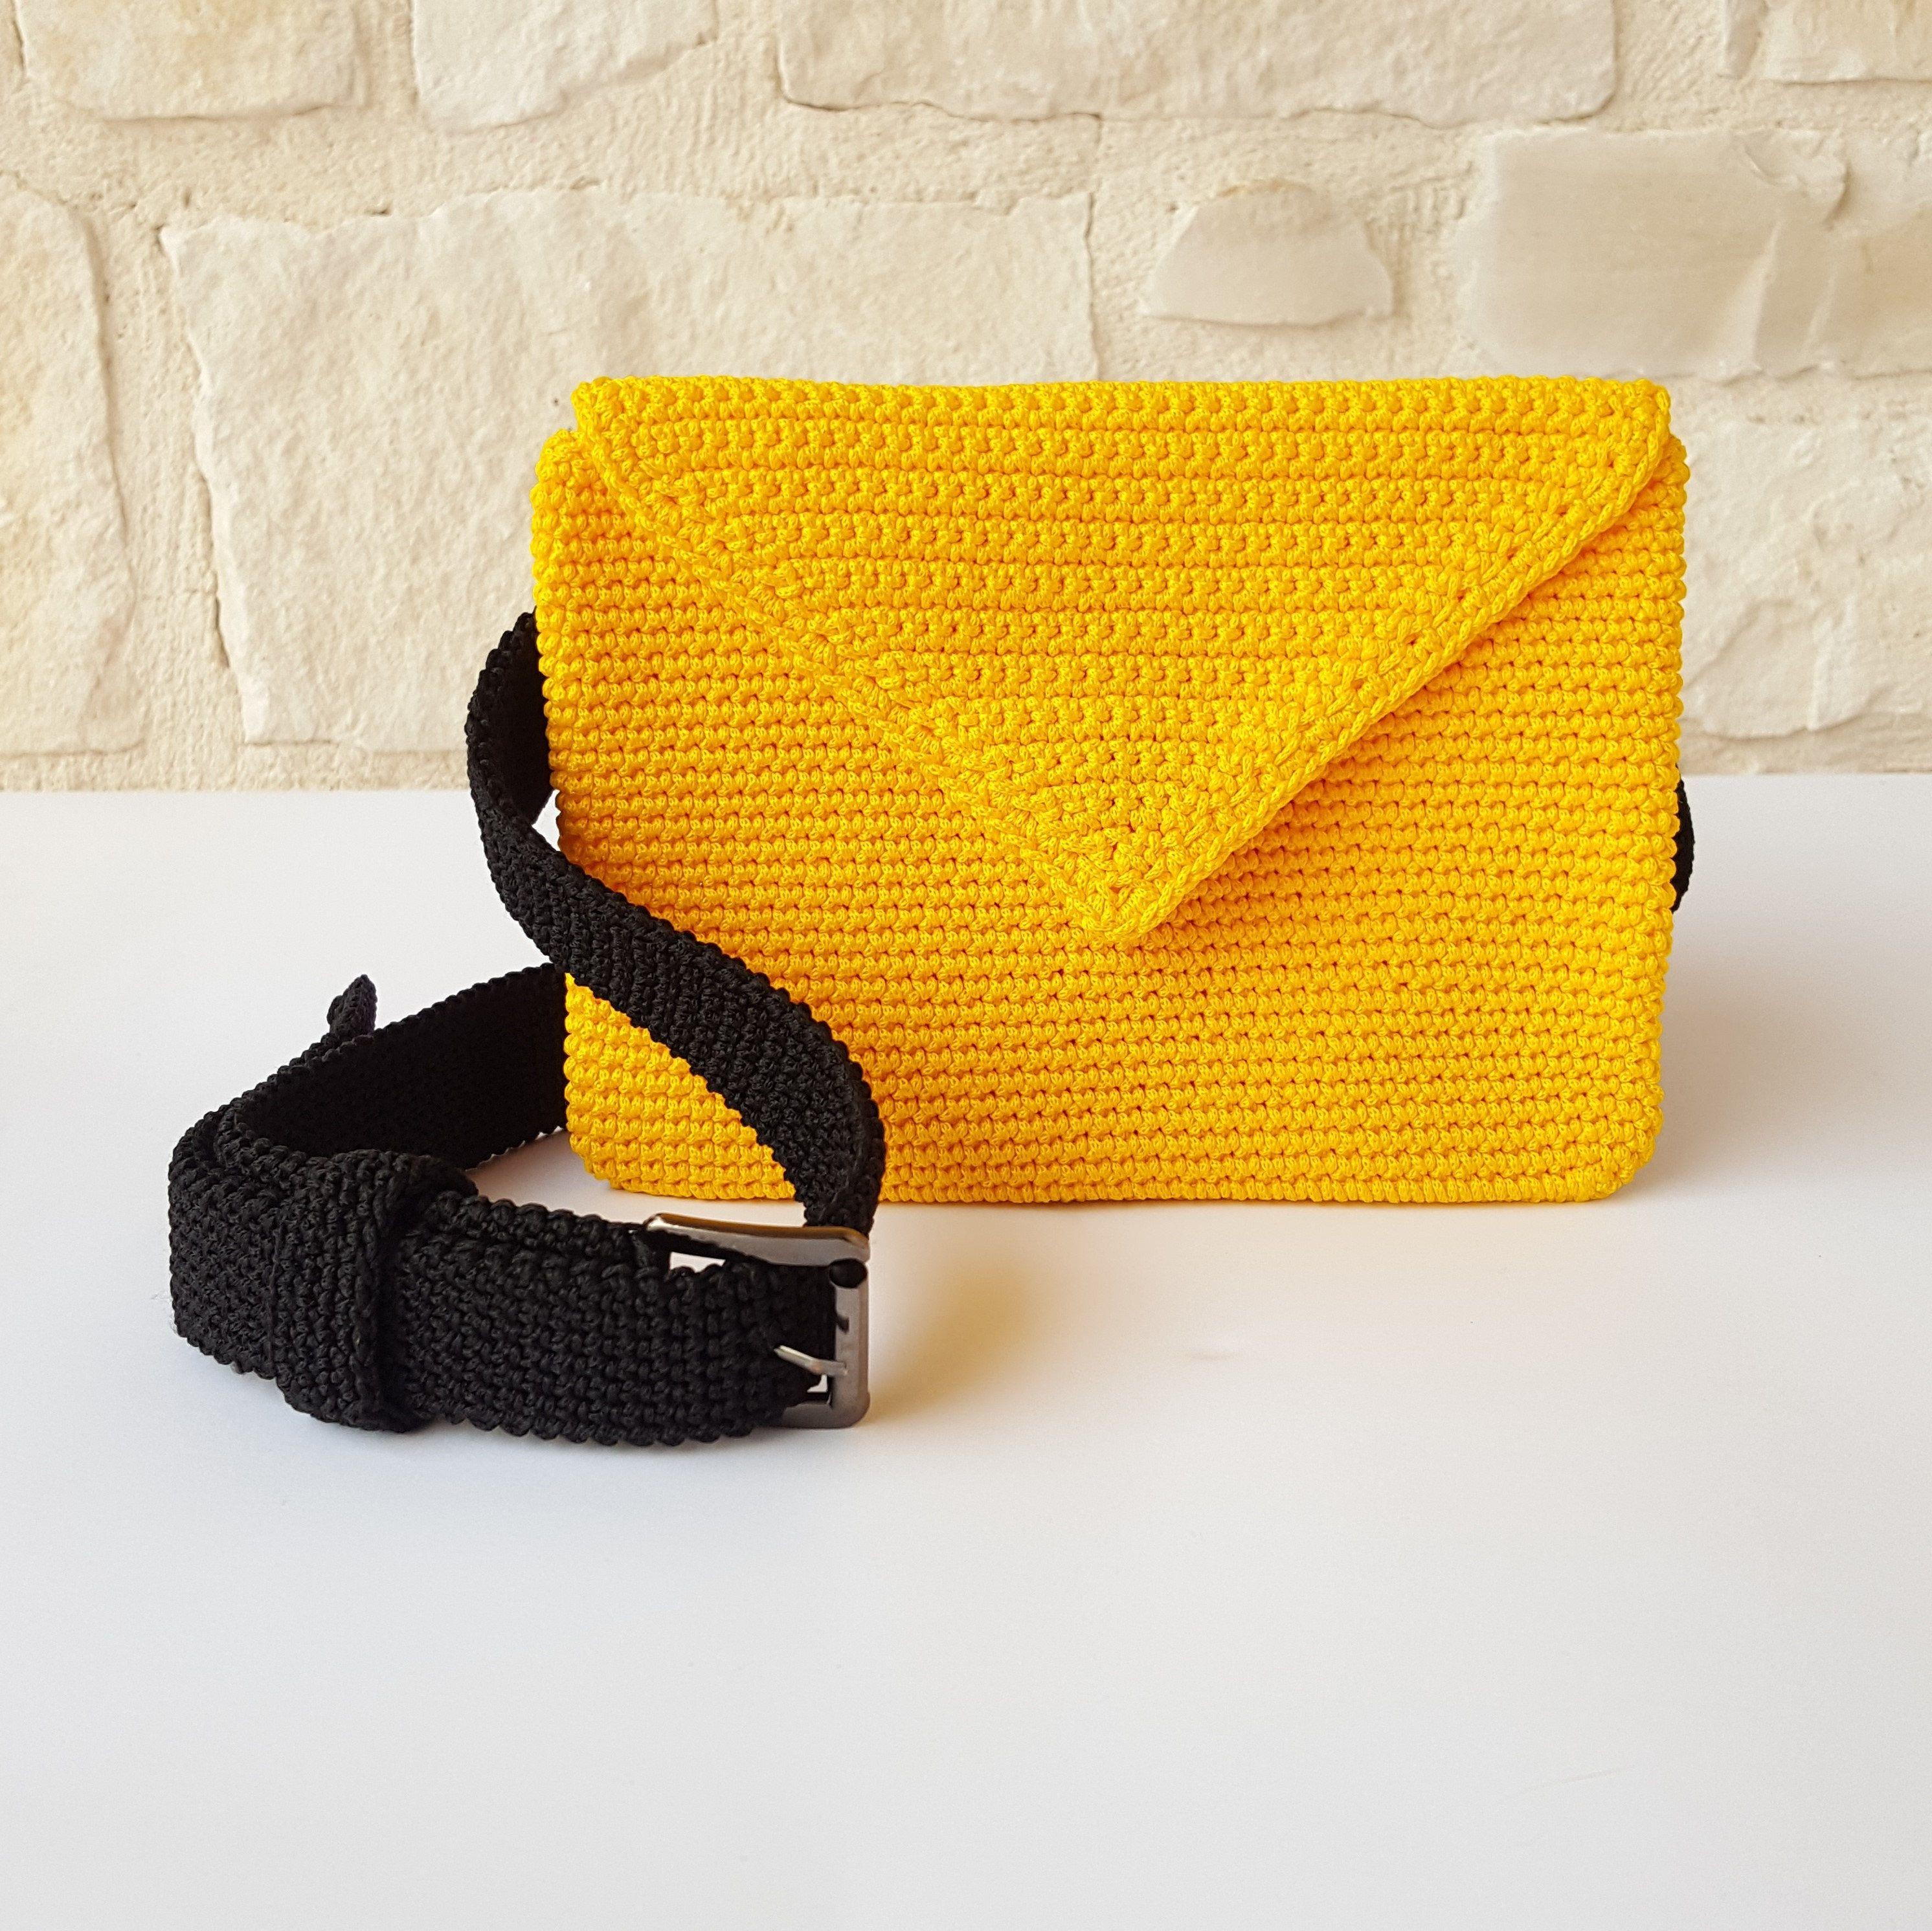 Marsupio in cordino giallo// cintura nera// Pochette// accessorio donna// regalo donna// fatto a mano// made in Italy di AnnAltamuraCreazioni su Etsy